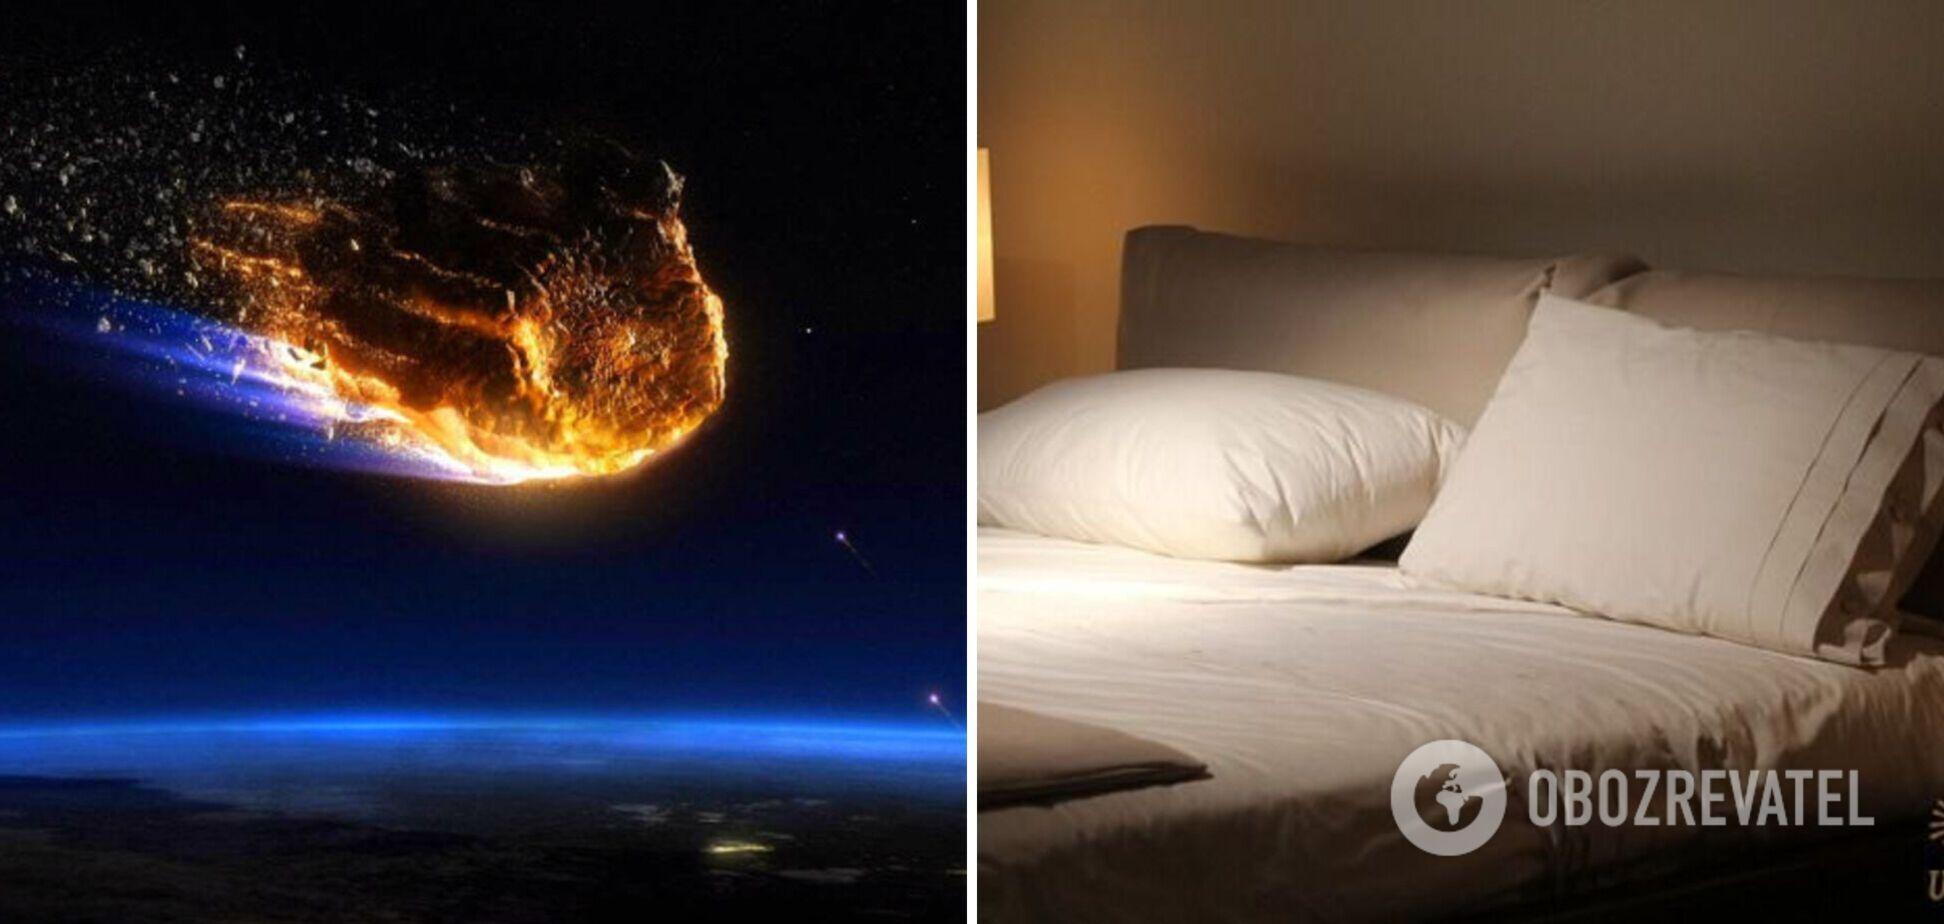 У Канаді метеорит проломив дах і впав на ліжко сплячої жінки. Фото